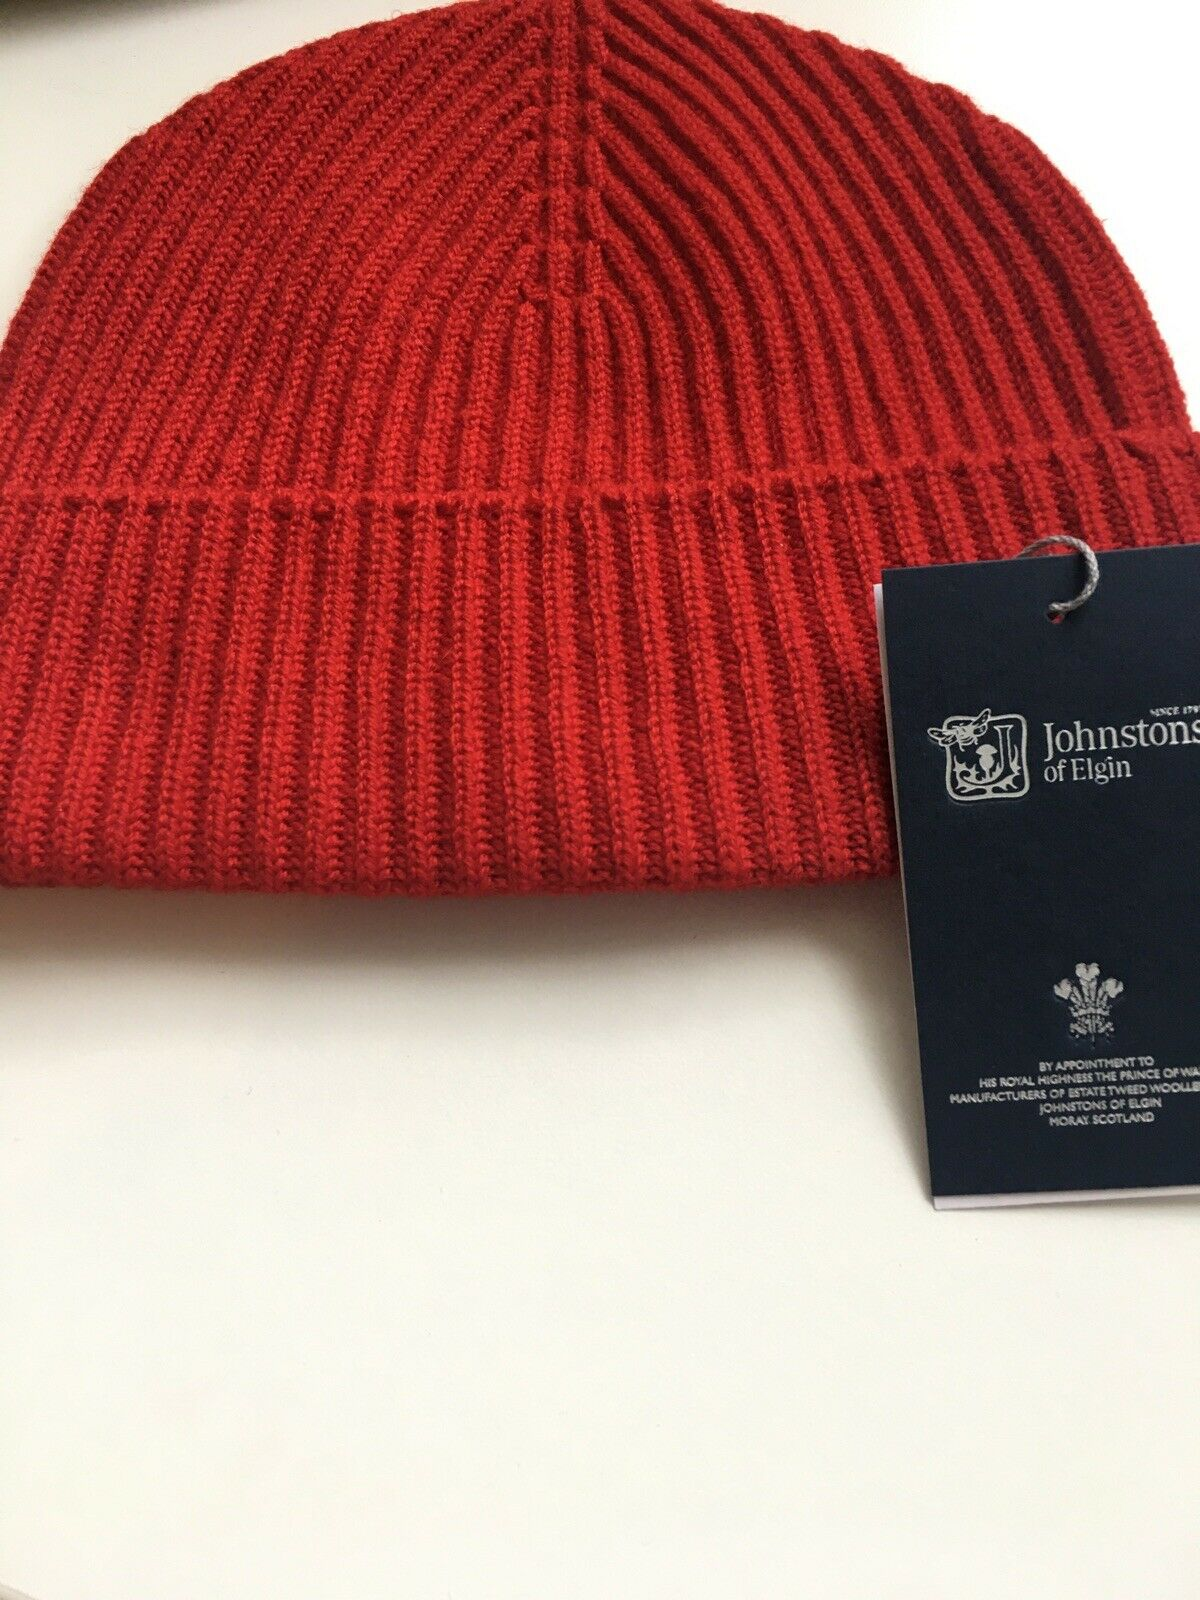 Johnstons Hergestellt IN Schottland Purpurrot Hut Gerippt 100% Kaschmir Beanie